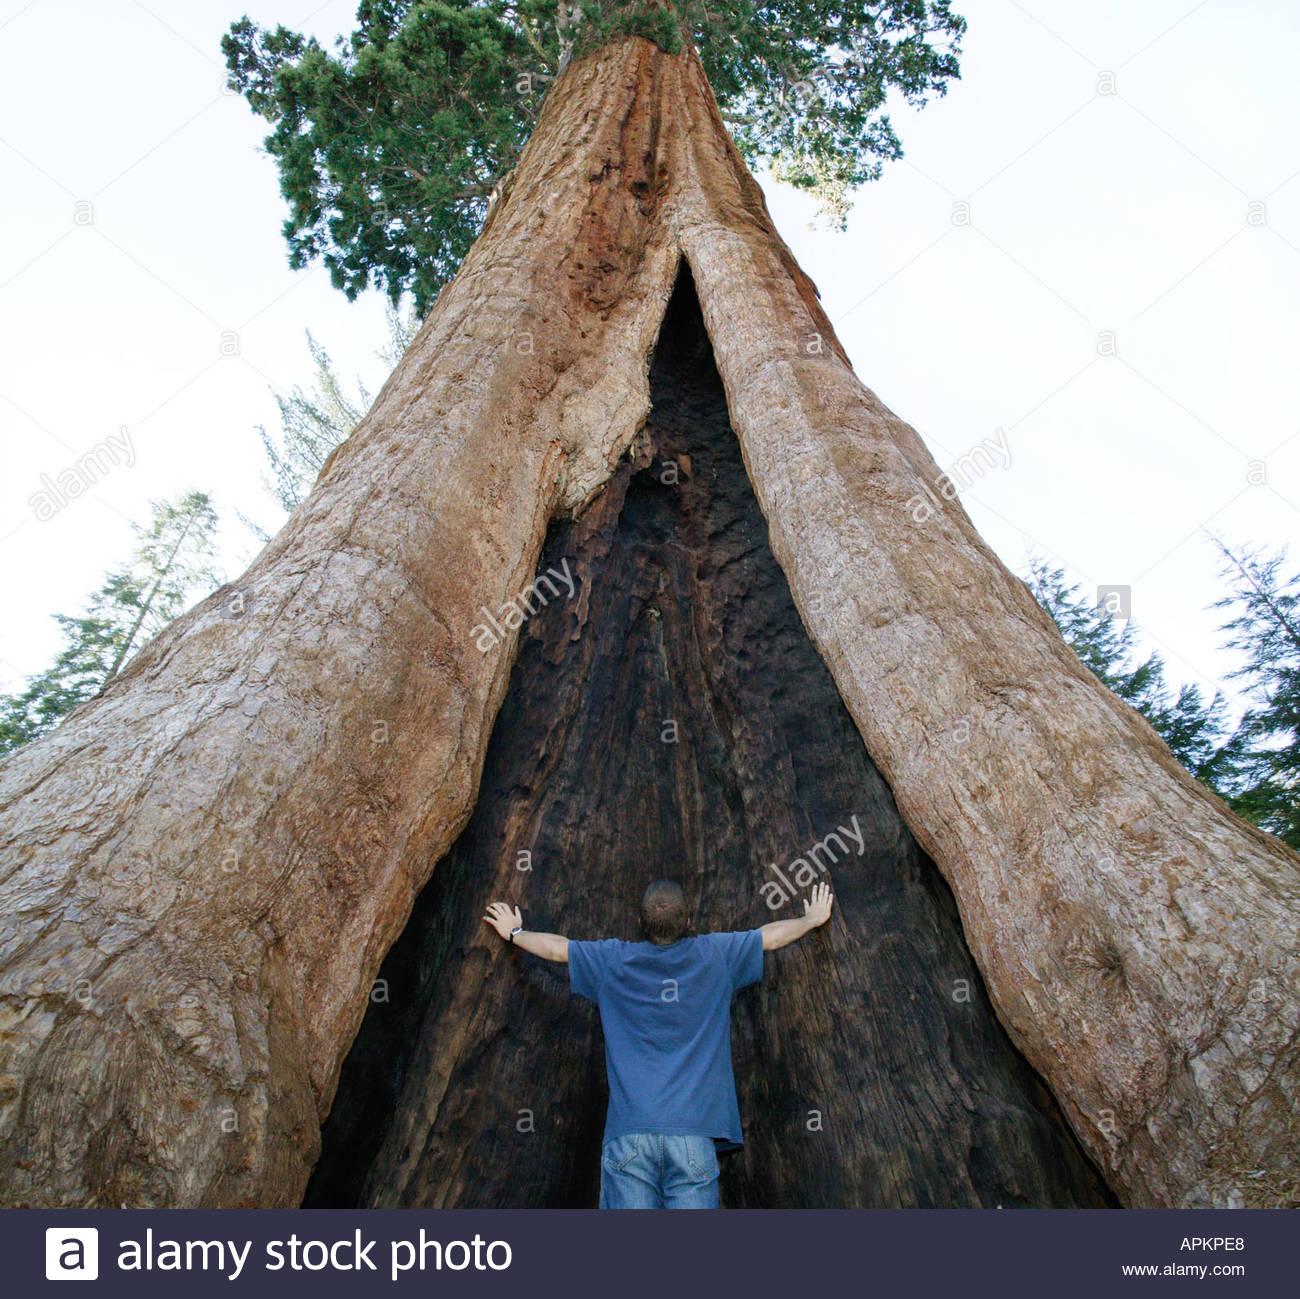 Gigantesco albero di sequoia. (Sequoia National Park, California, USA) Immagini Stock